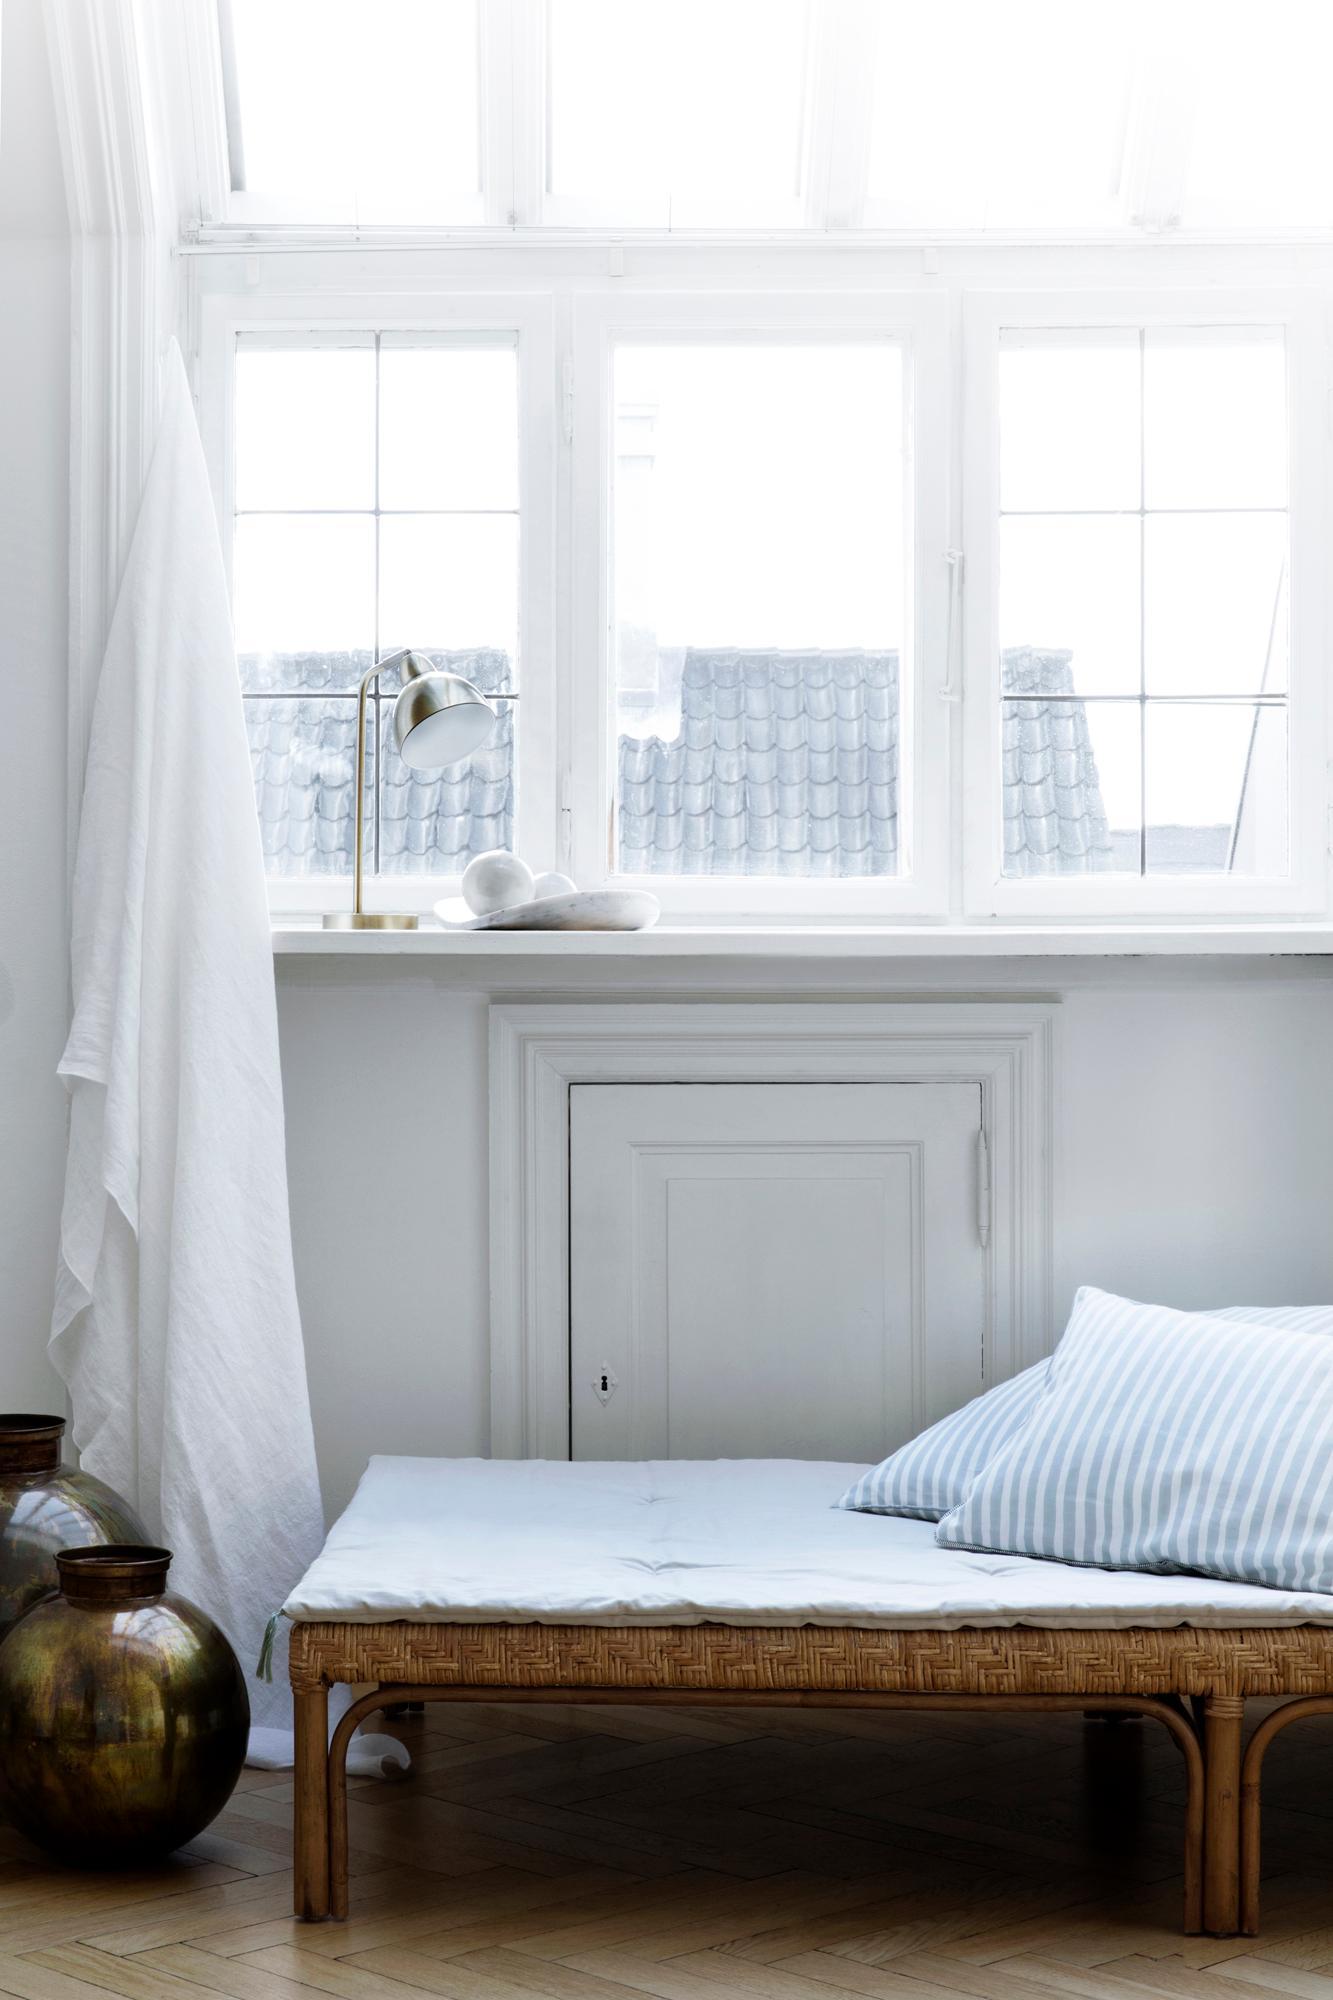 Full Size of Gardine Wohnzimmer Liege Klebefolie Für Fenster Vorhänge Stehlampe Stehlampen Sichtschutzfolien Deckenlampen Pendelleuchte Deckenlampe Tischlampe Gardinen Wohnzimmer Liegestuhl Für Wohnzimmer